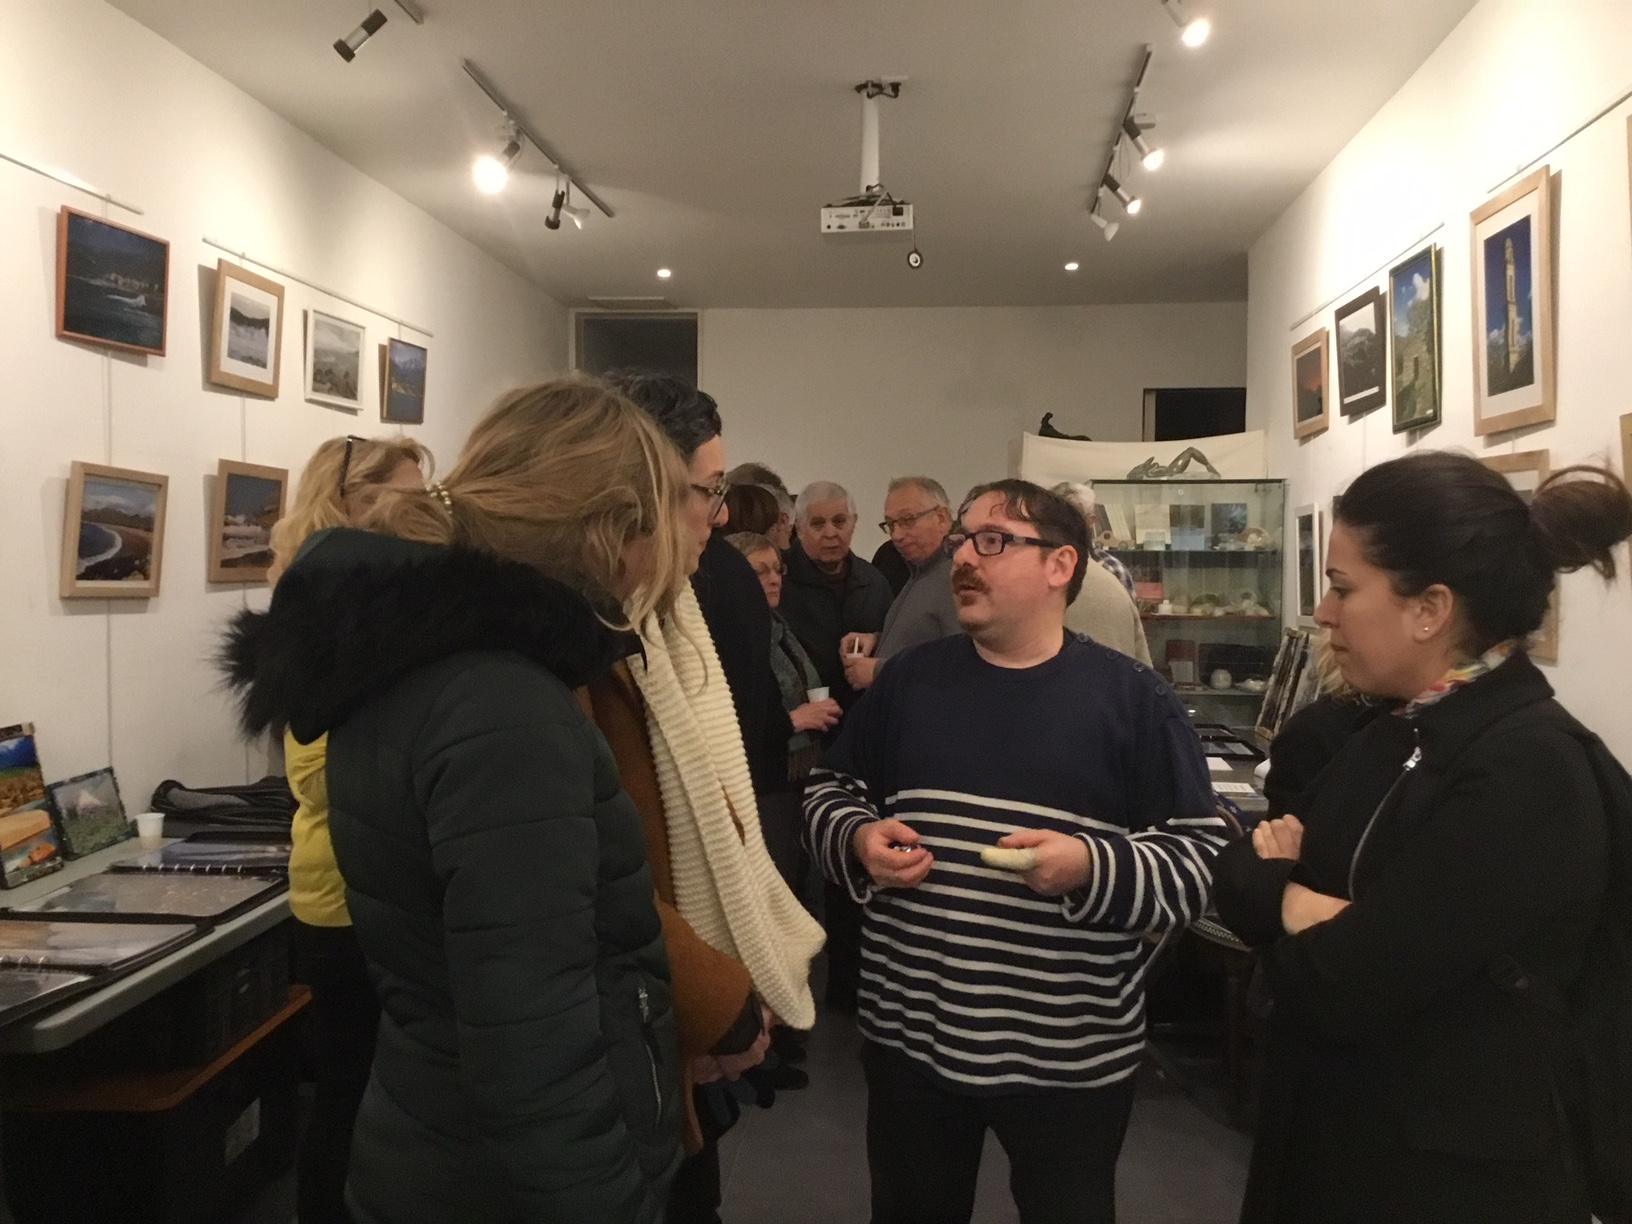 Quartier Noailles : Réouverture au public de la Galerie de l'Atelier des Arts le mercredi 30 Janvier 2019 après 85 jours de fermeture